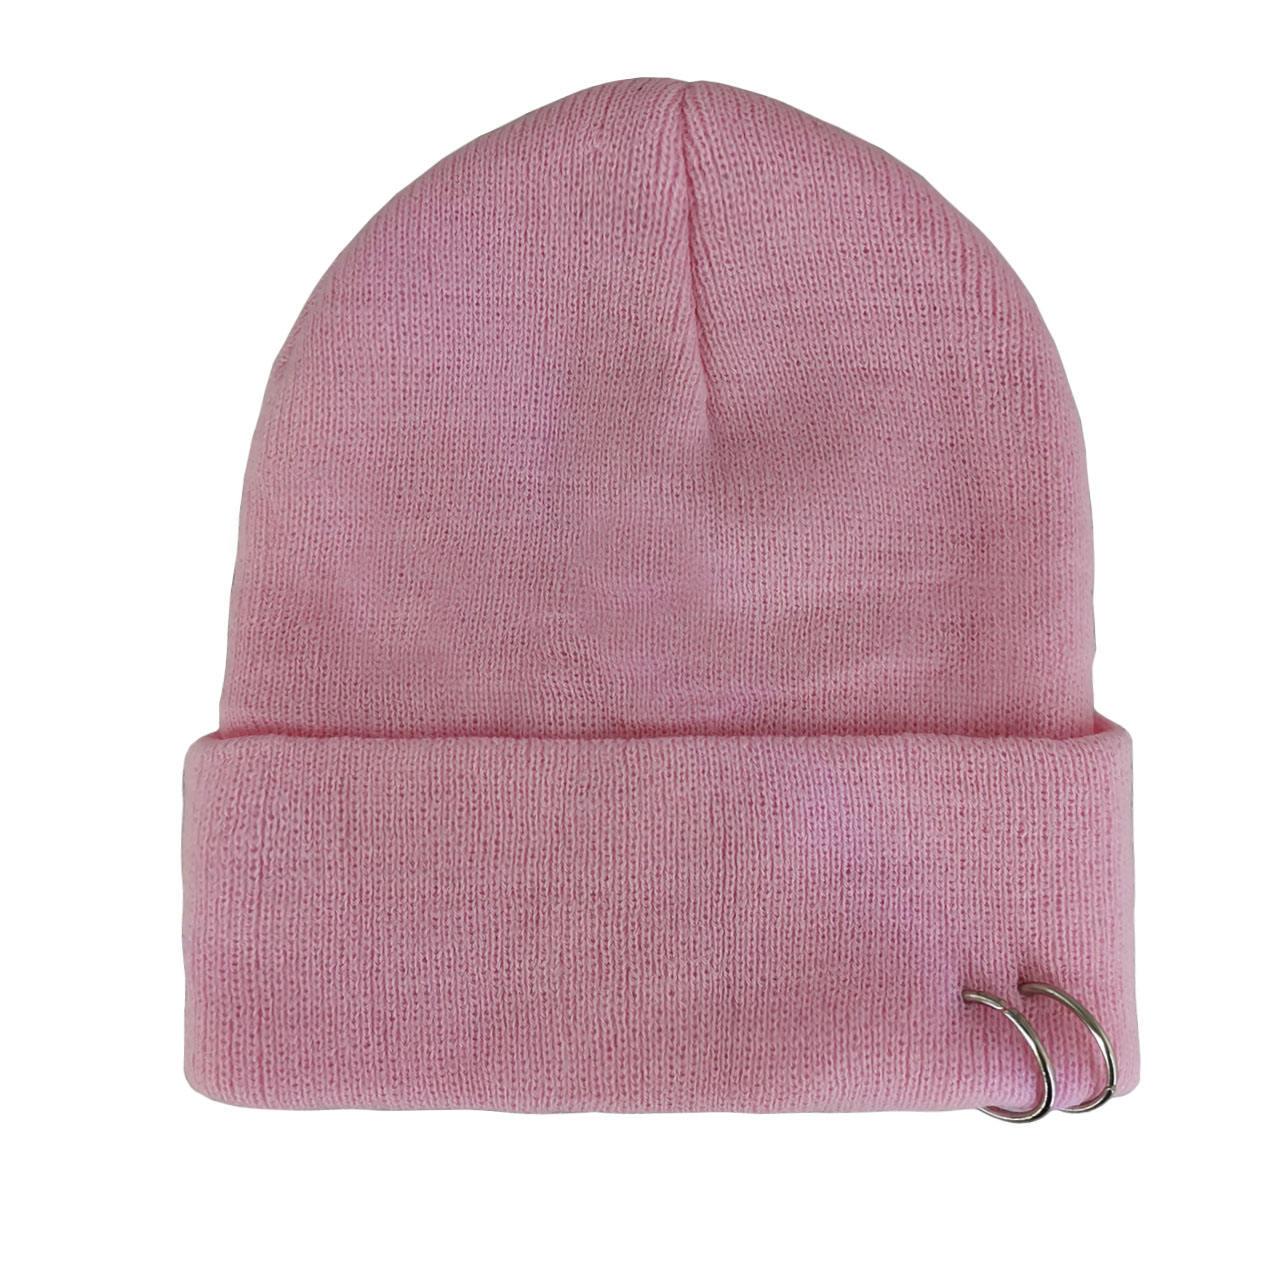 کلاه بافتنی کد M423 -  - 2